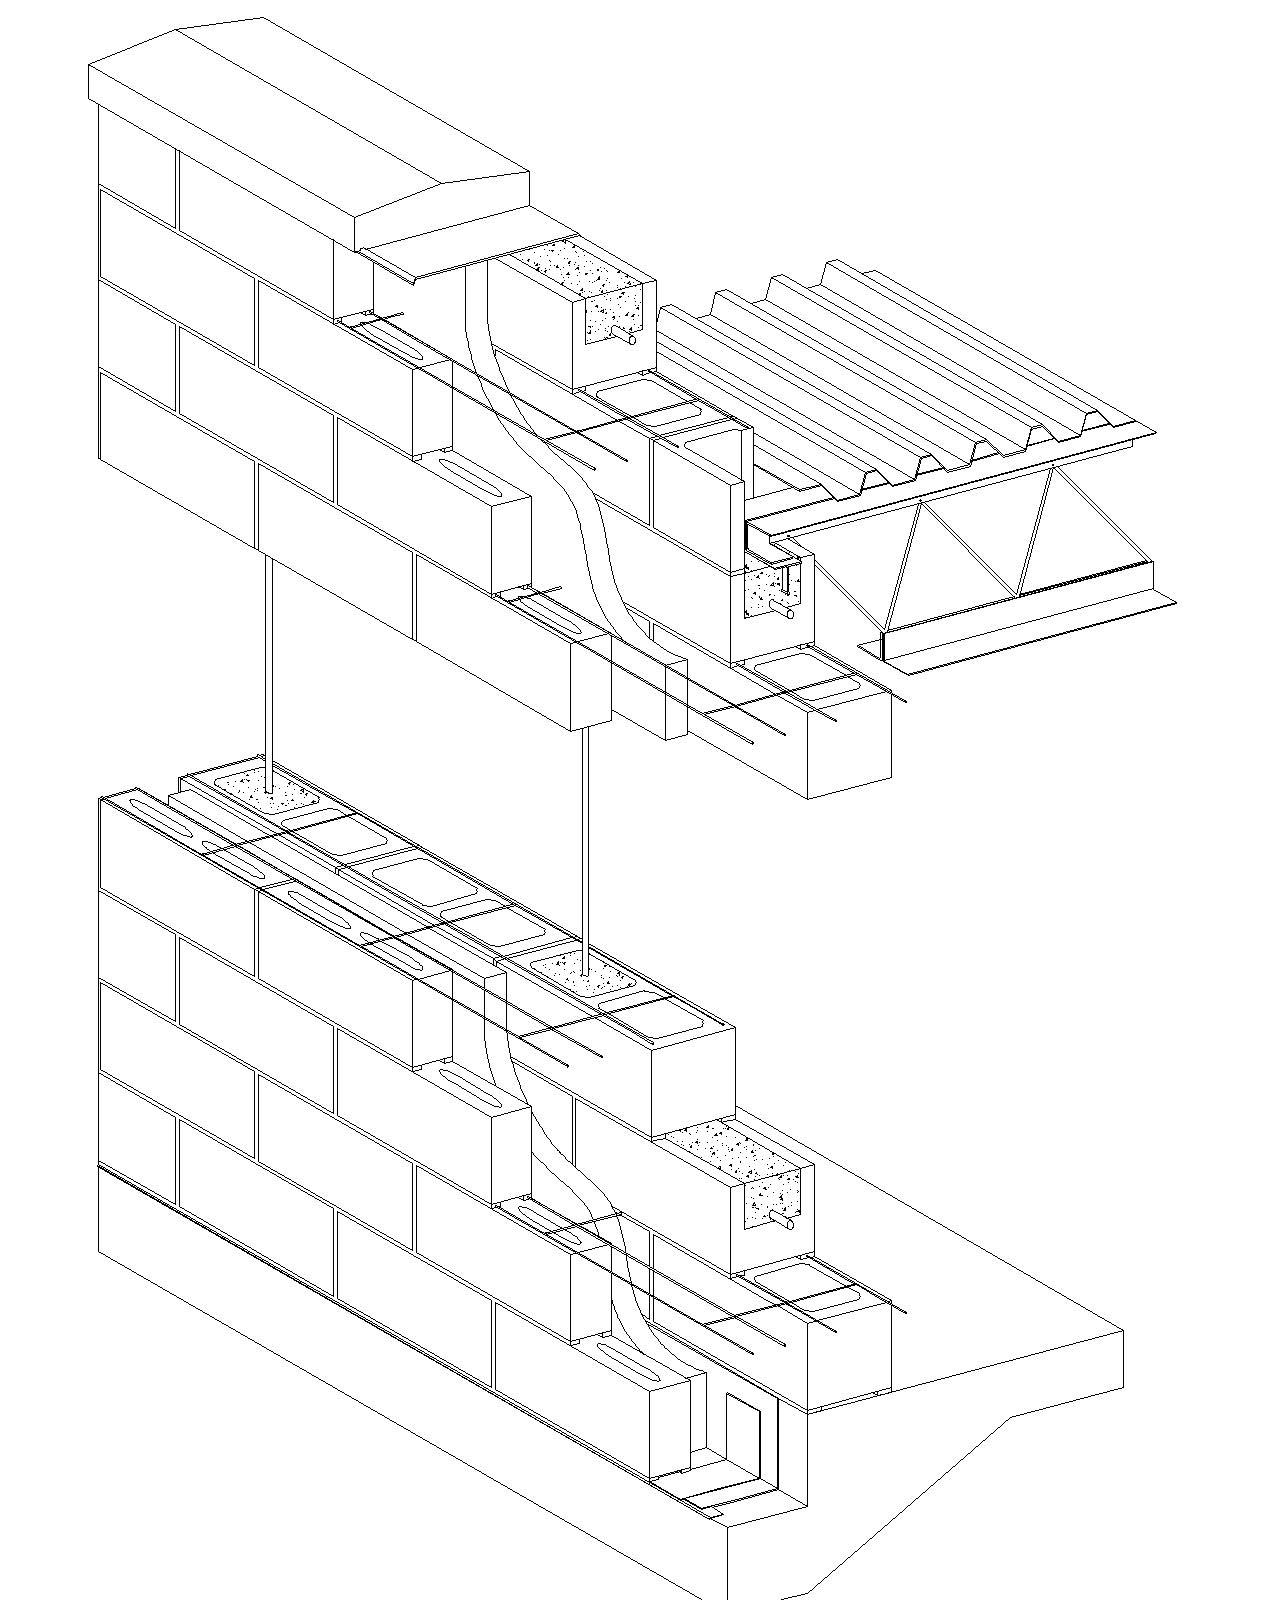 Block Wall Drawing At Getdrawings